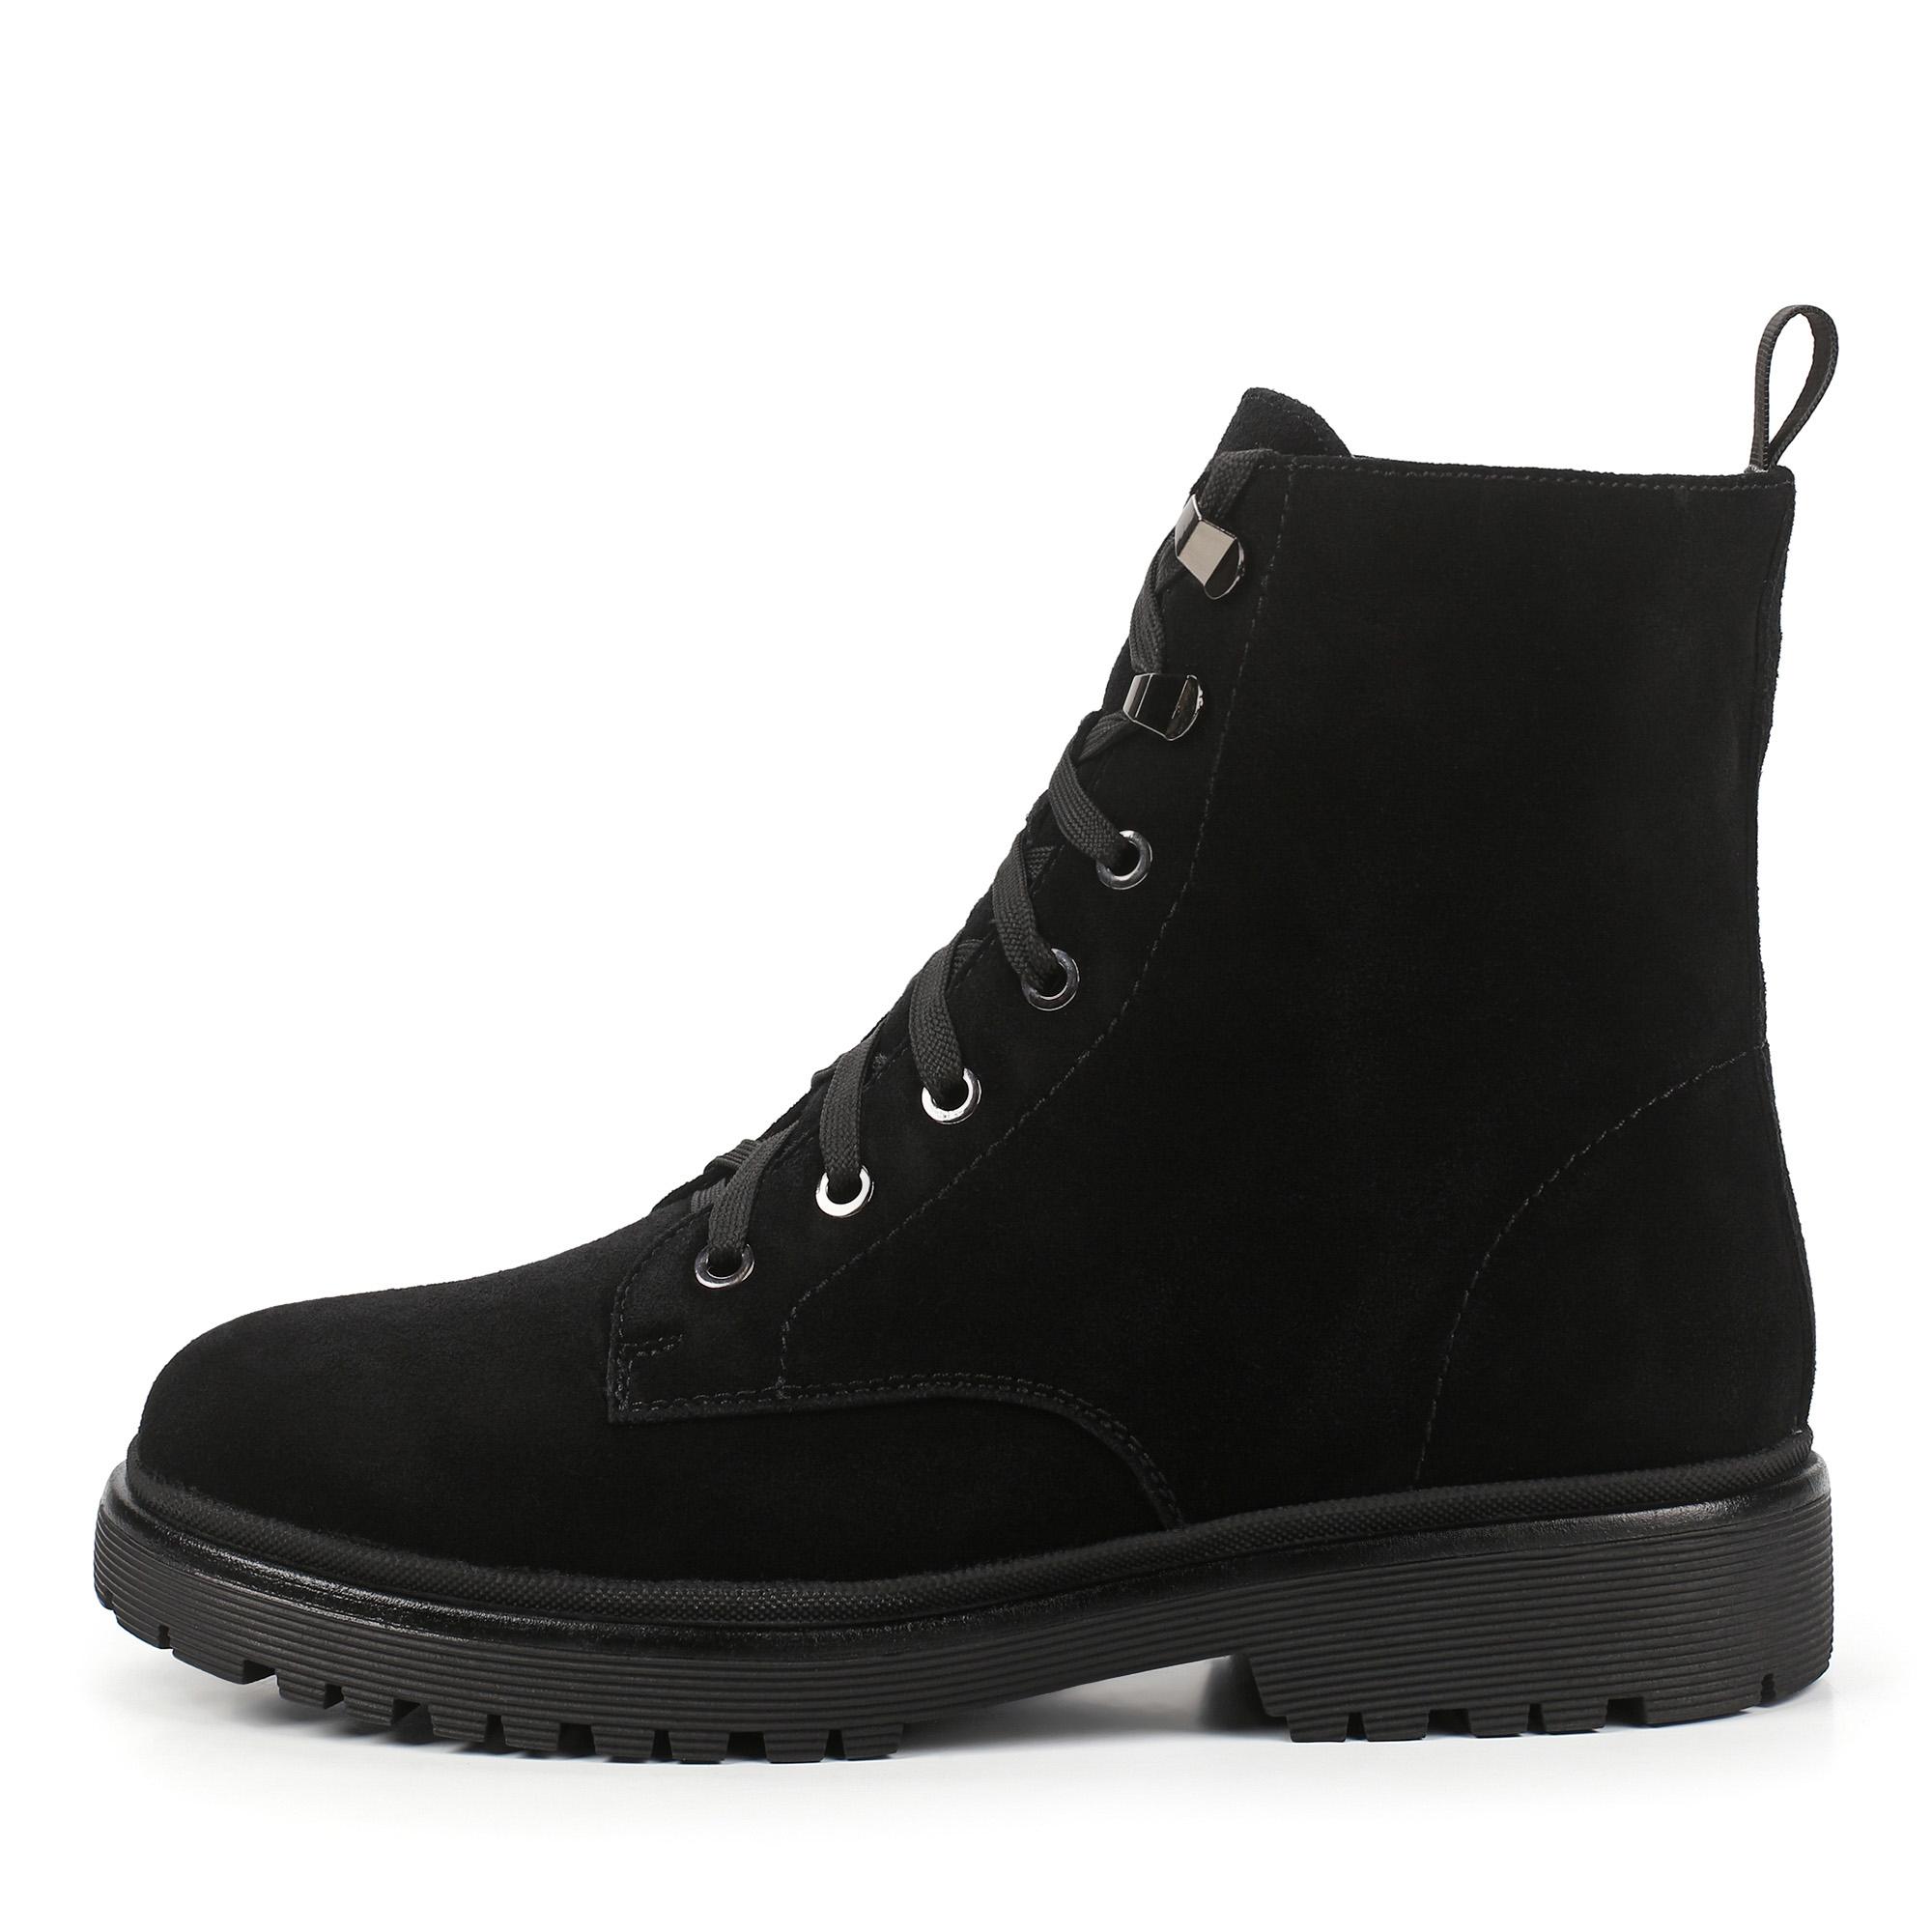 Ботинки Thomas Munz 233-530F-50202